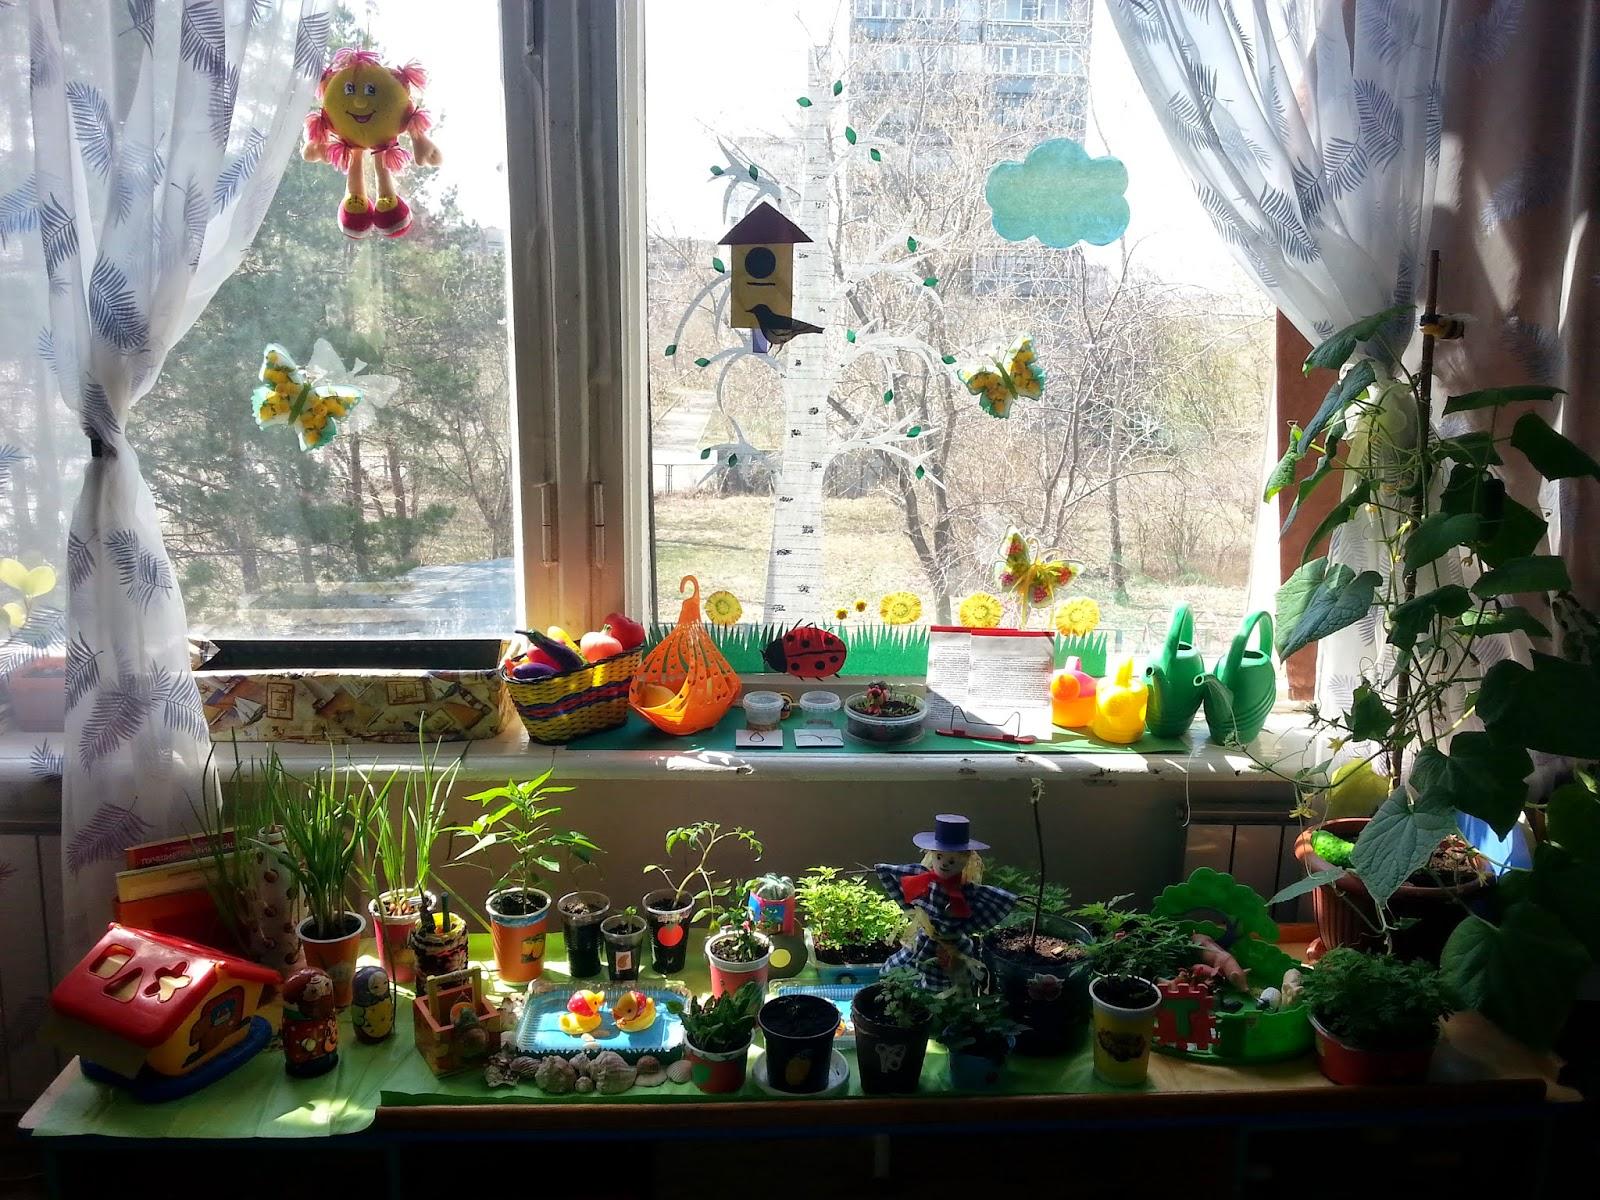 Картинки по теме труд людей весной